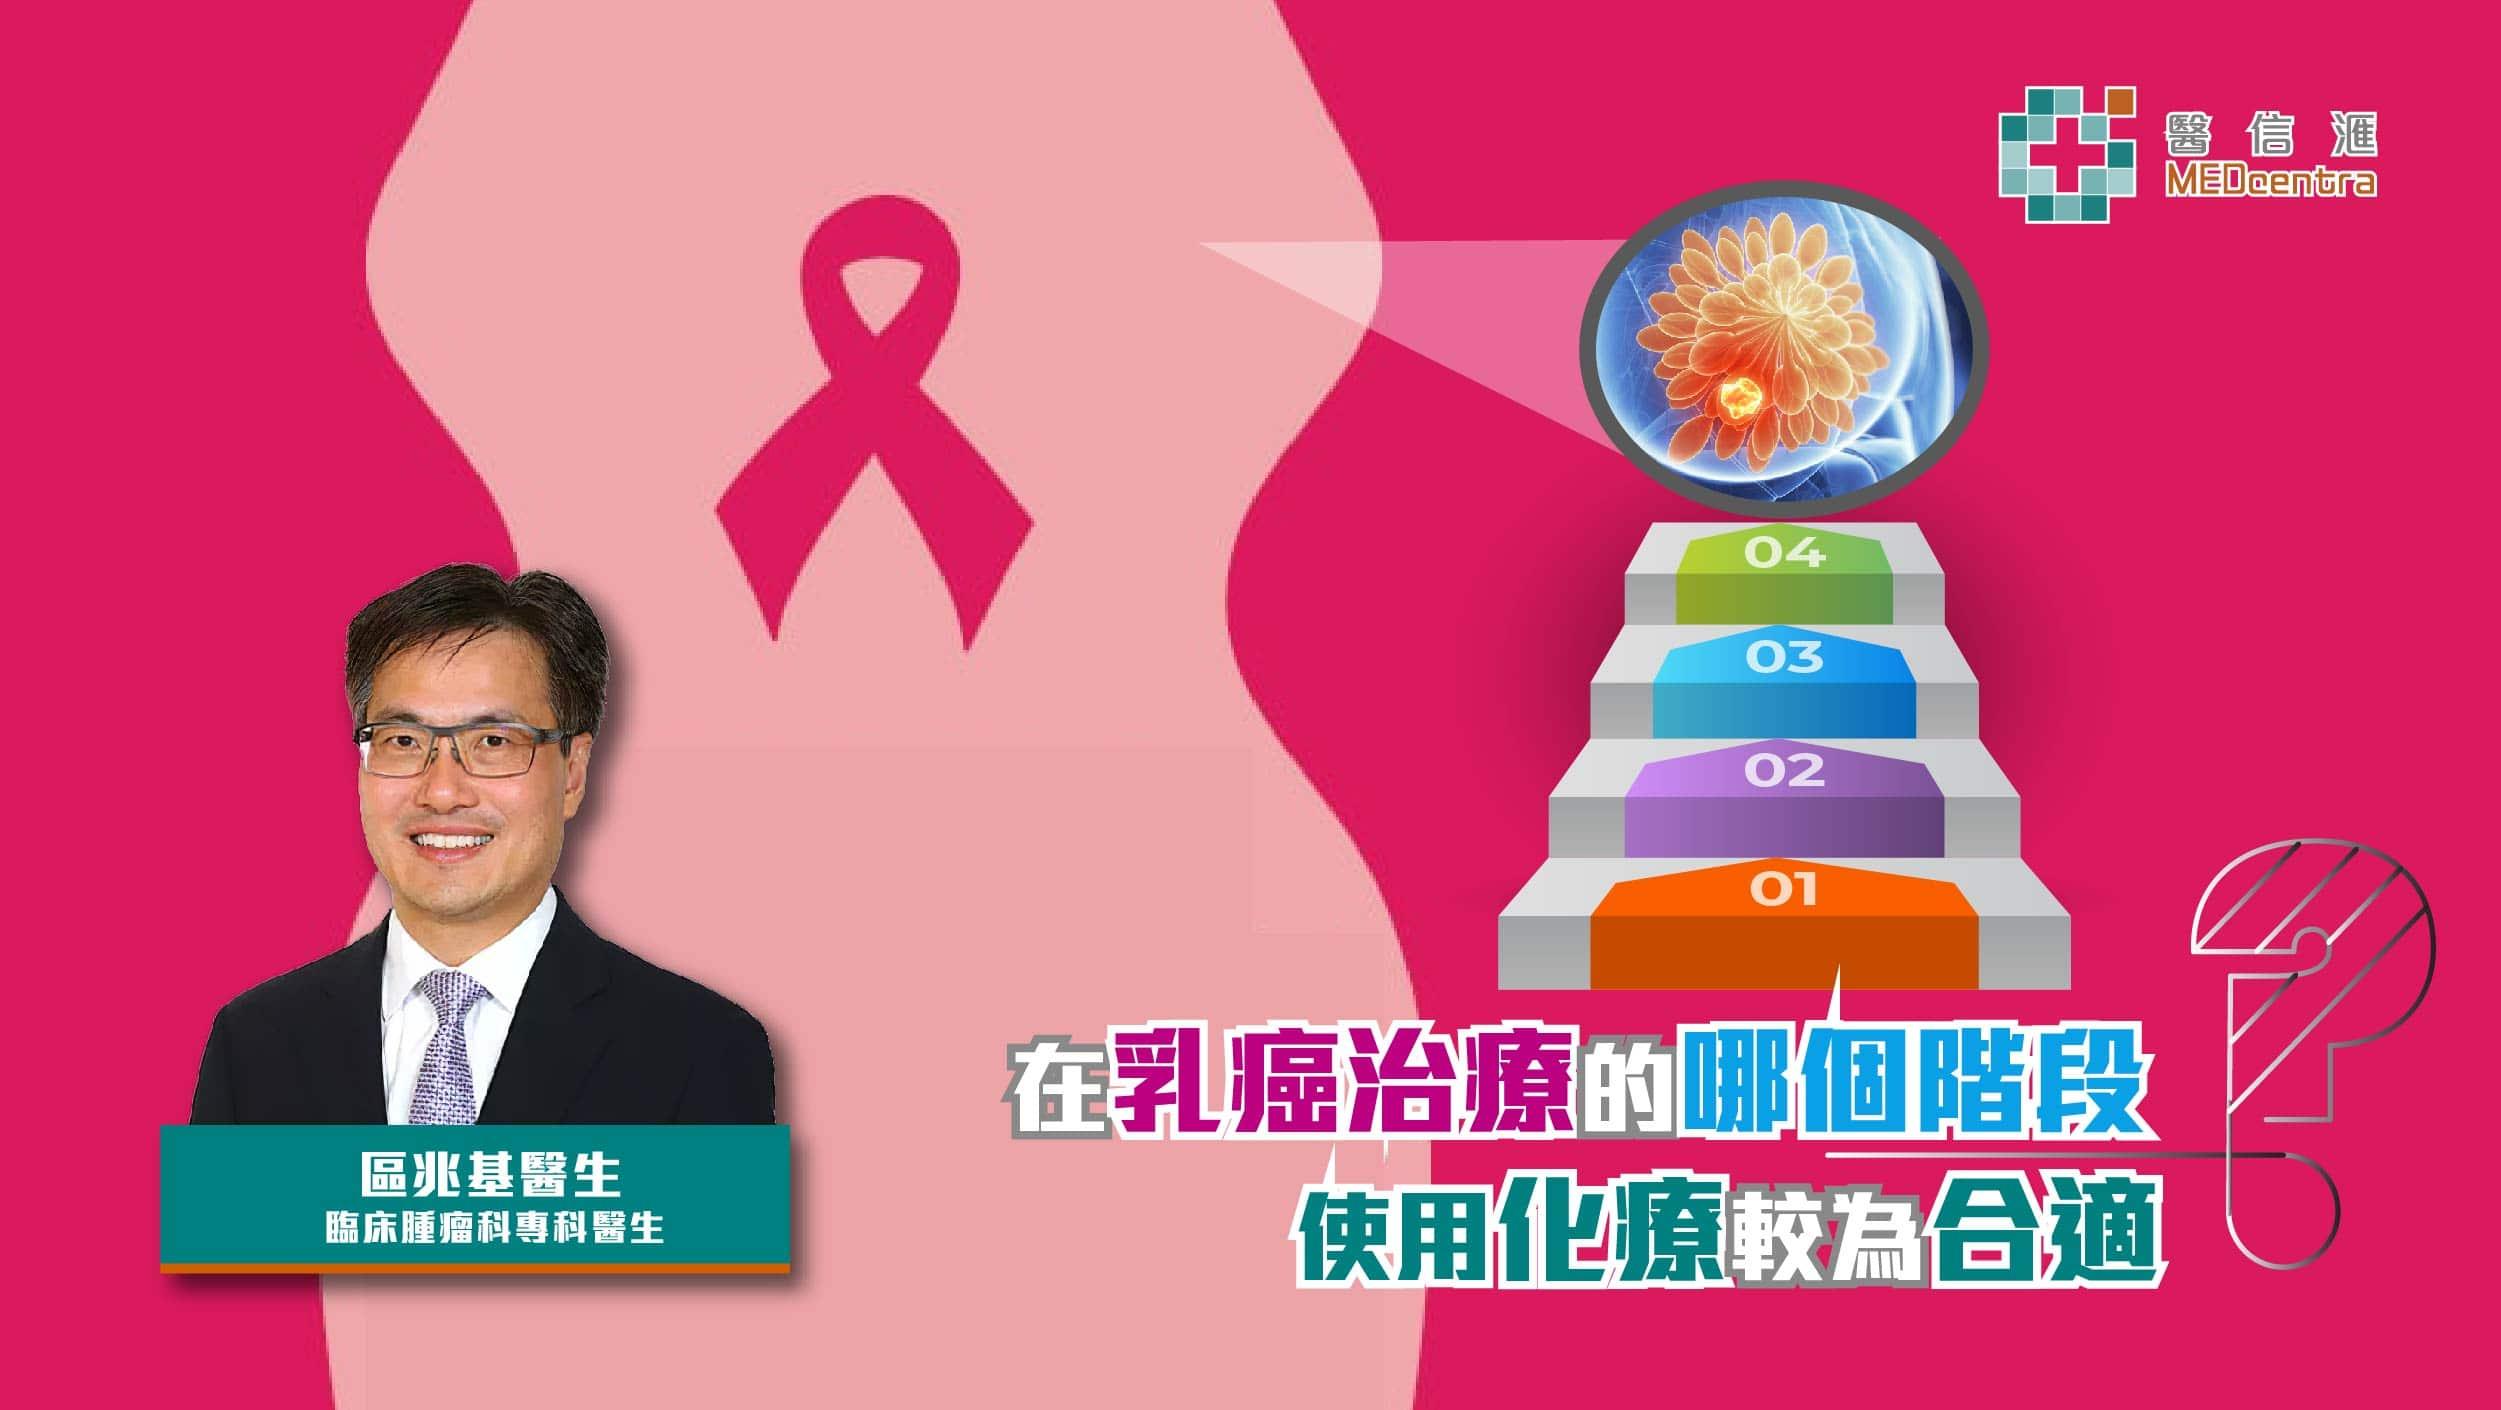 乳癌治療在哪個階段使用化療較為合適